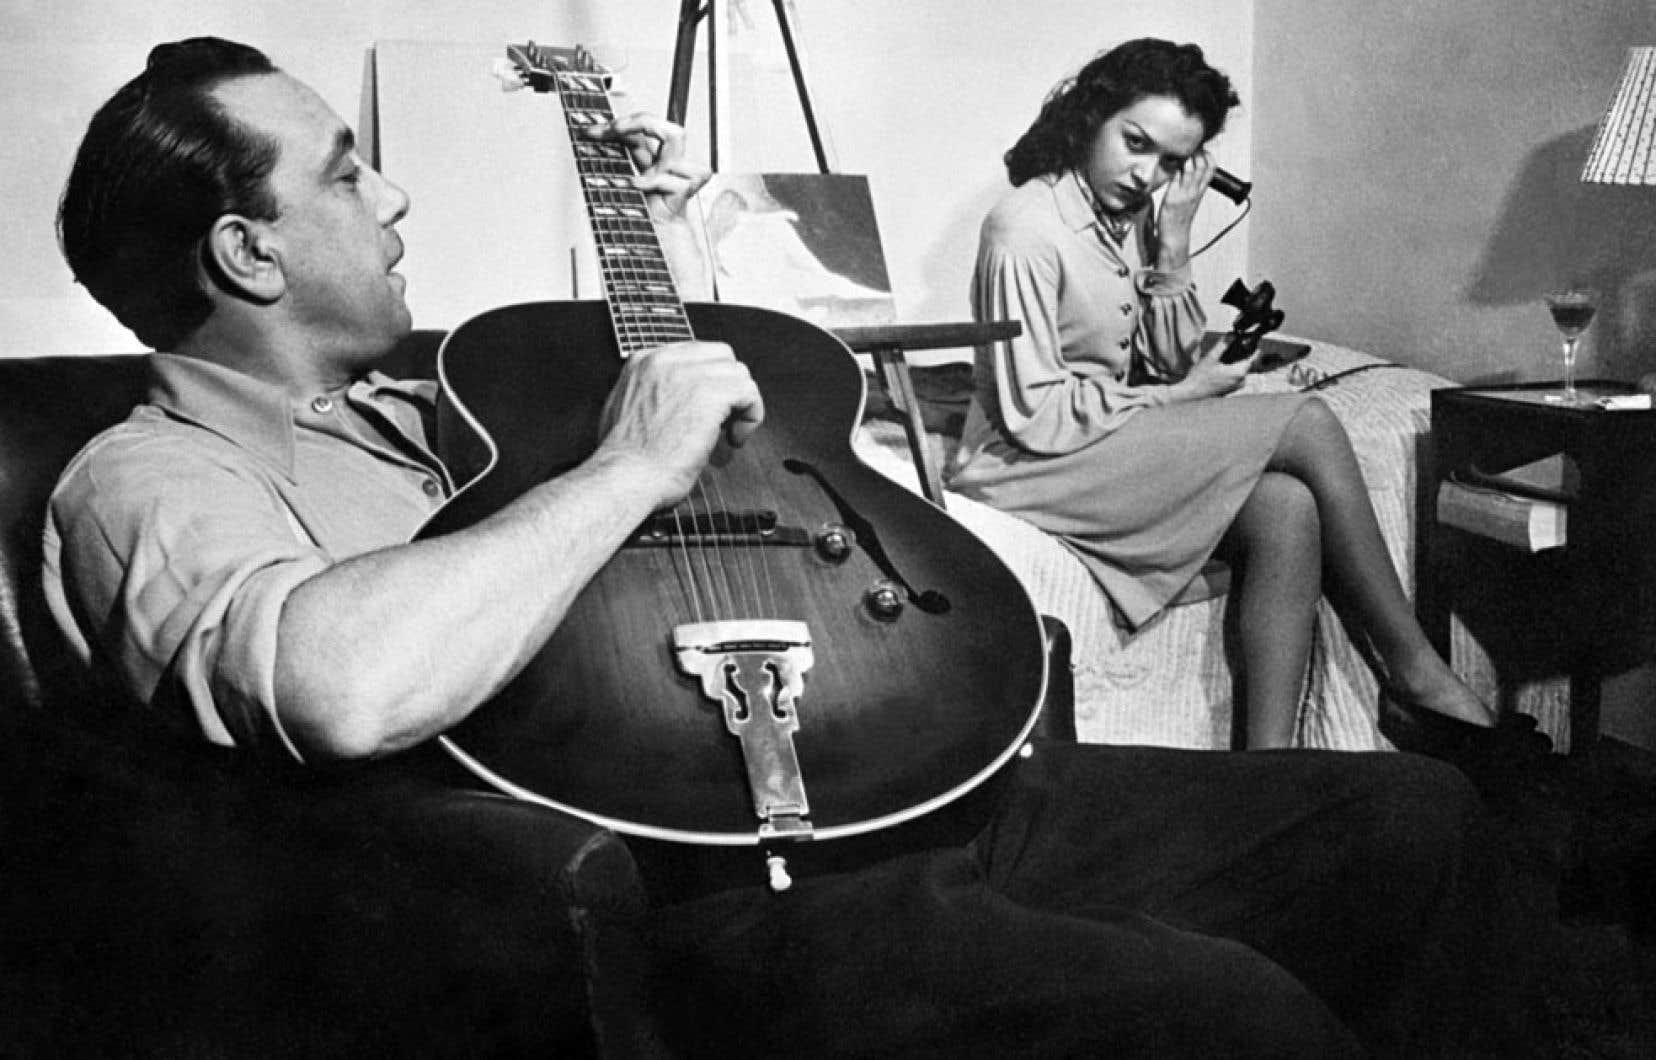 L'un des plus importants guitaristes de jazz du siècle dernier, Django Reinhardt, ici photographié en 1949 avec une femme non identifiée, a enregistré ses premiers disques à l'adolescence.